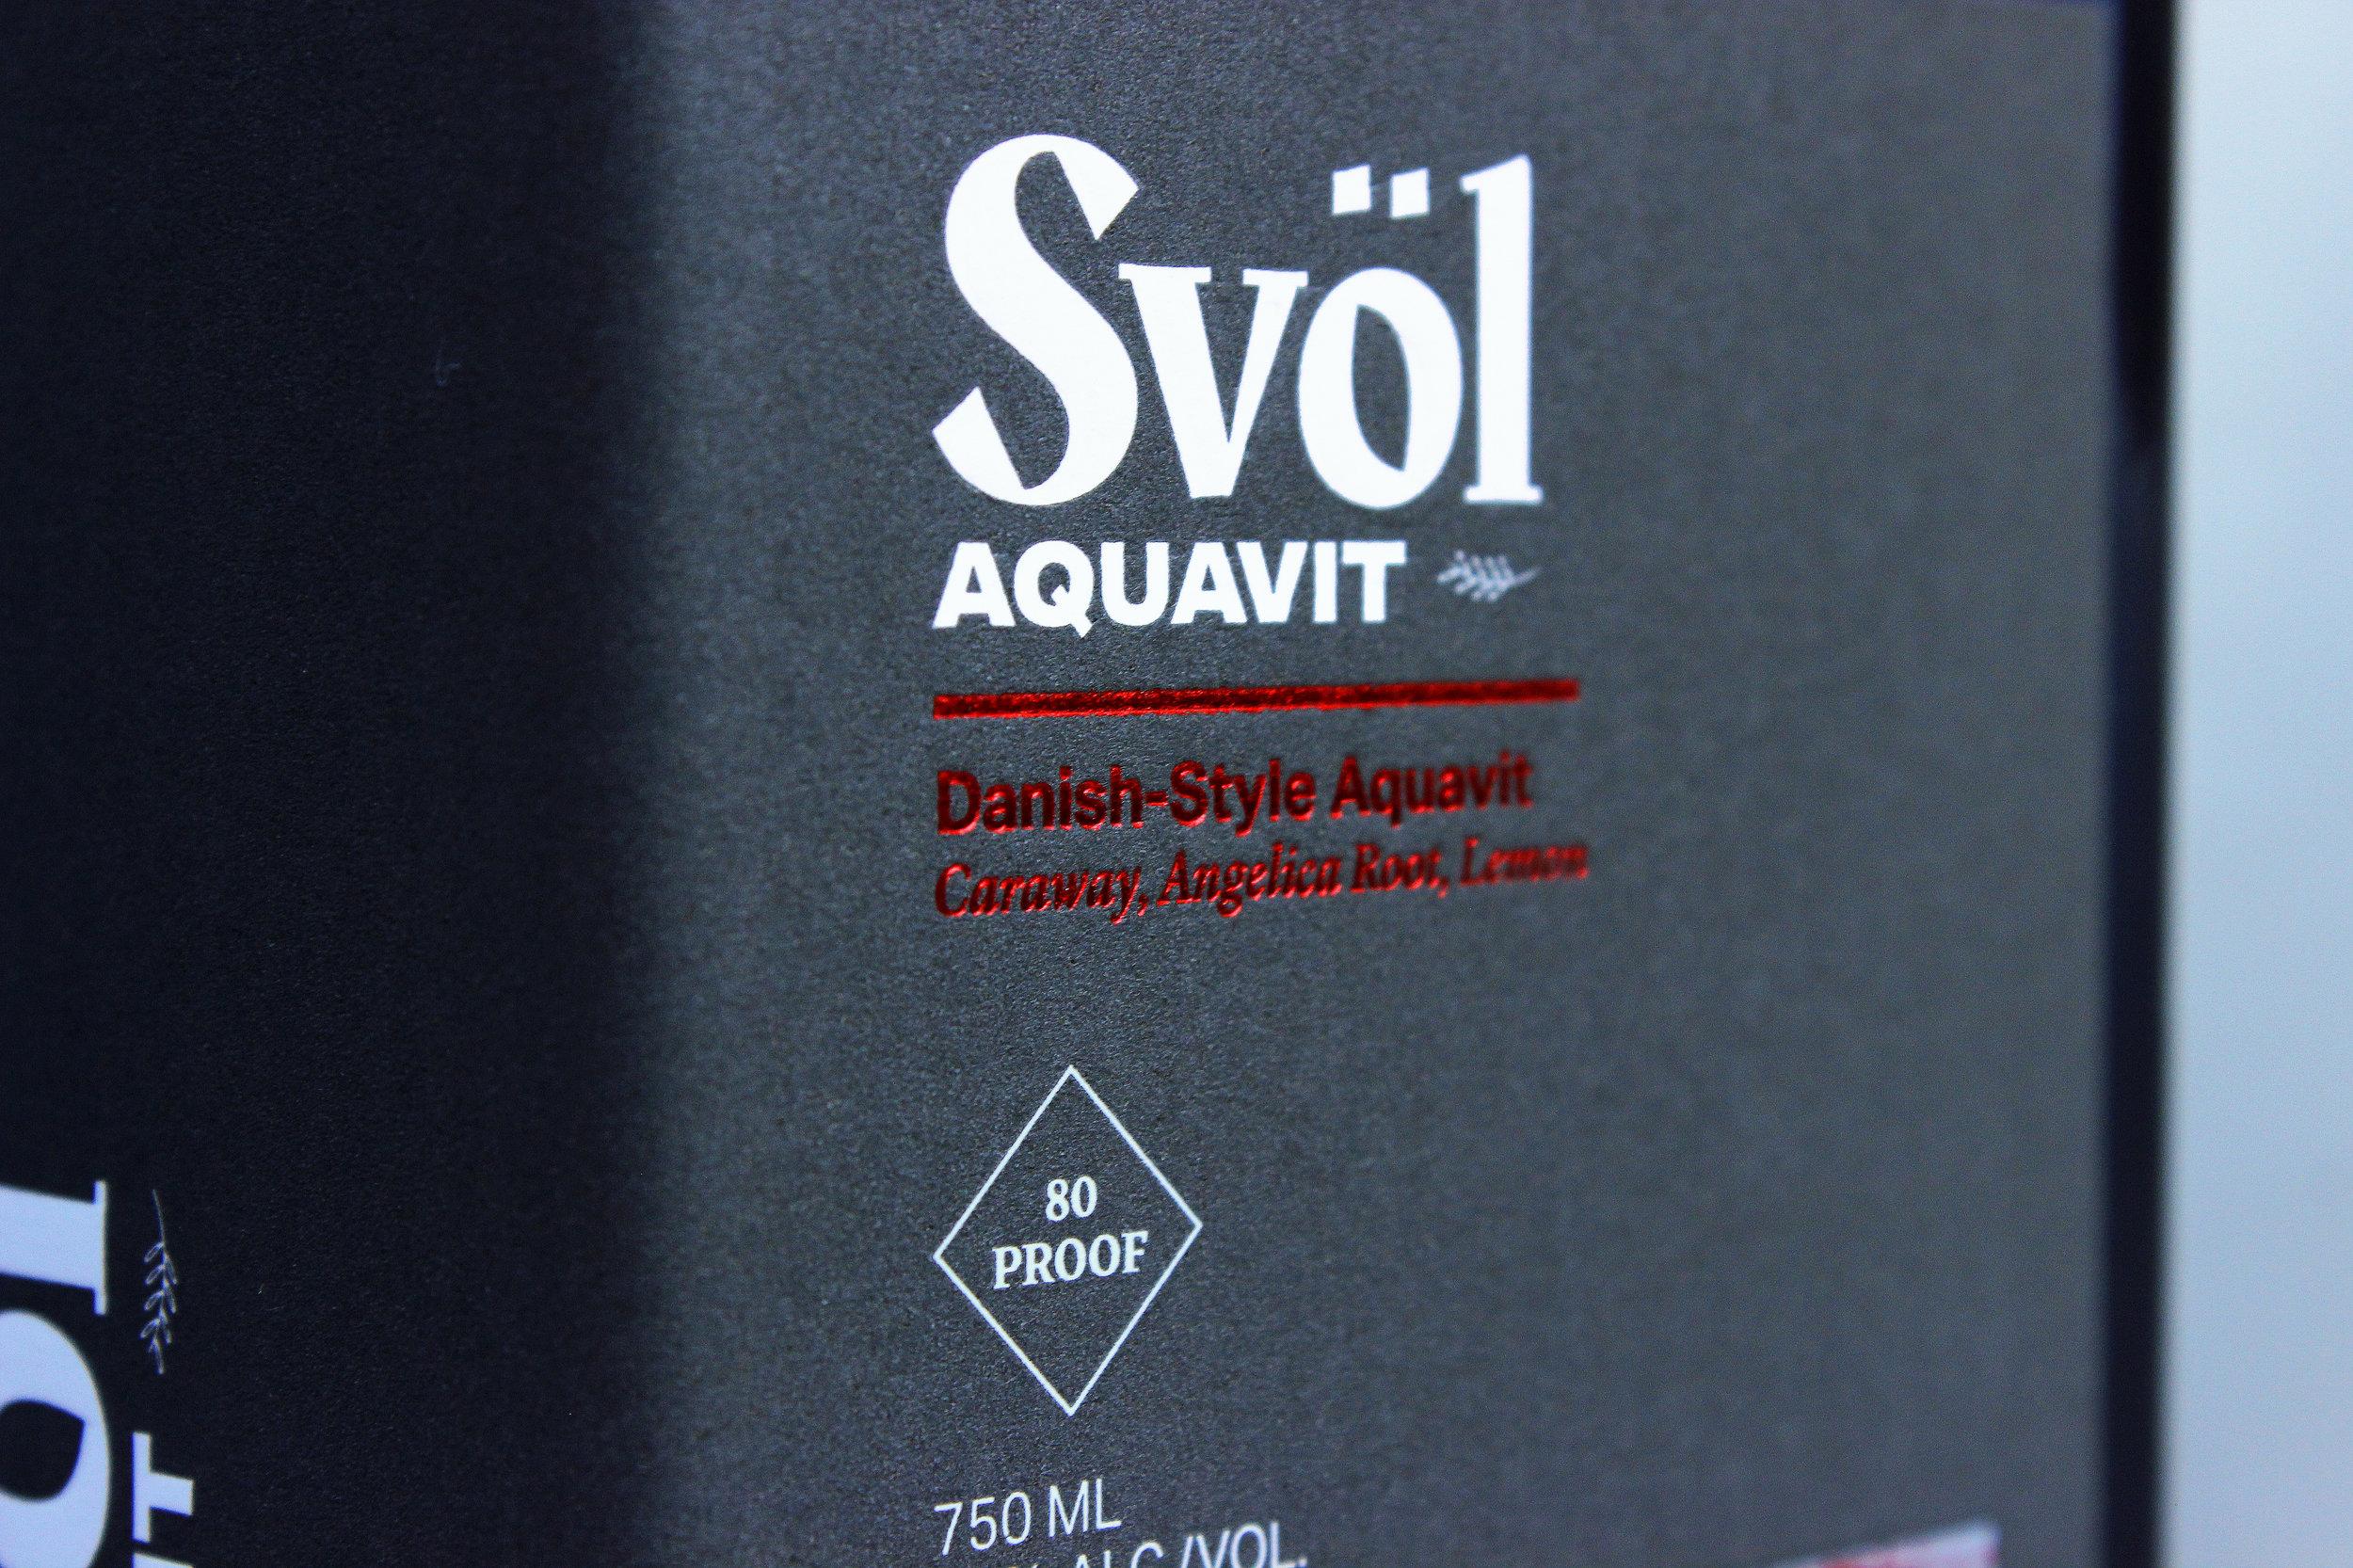 Svol_Danish_Aquavit_Detail.jpg